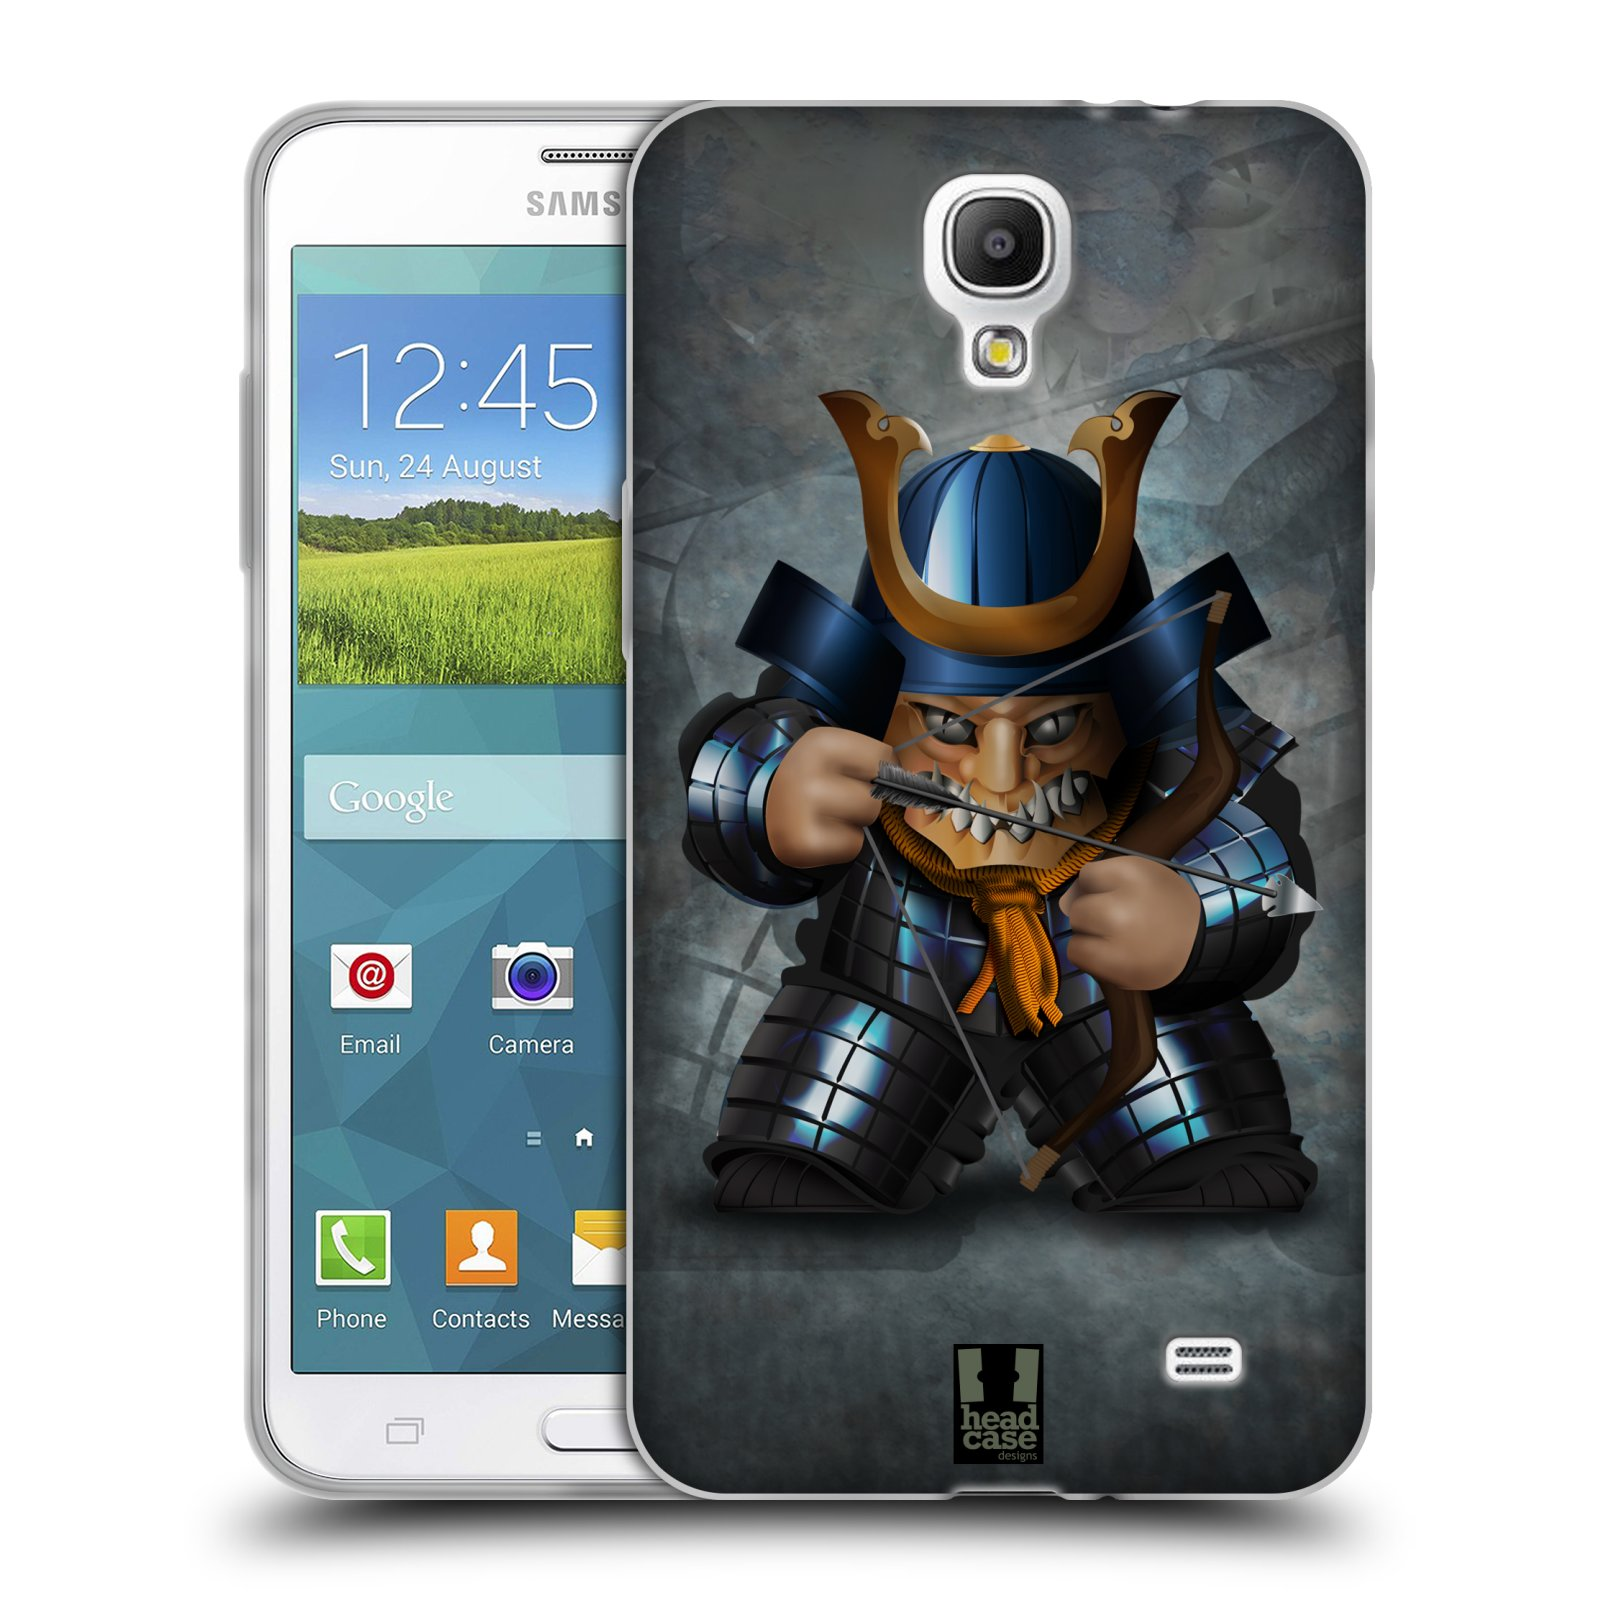 HEAD CASE silikonový obal na mobil Samsung Galaxy Mega 2 vzor Malí bojovníci SHOGUN STŘELEC